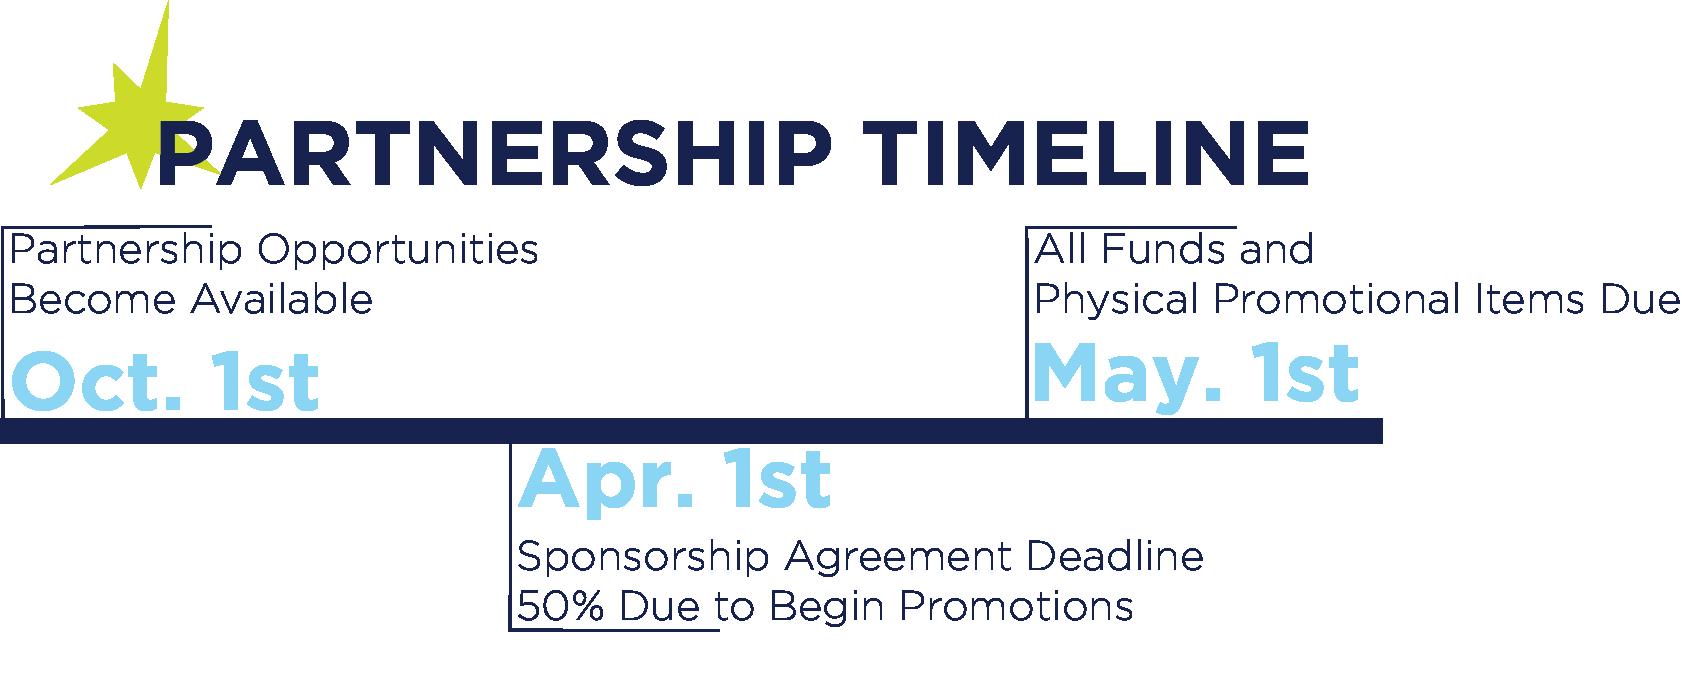 Partnership Timeline.png